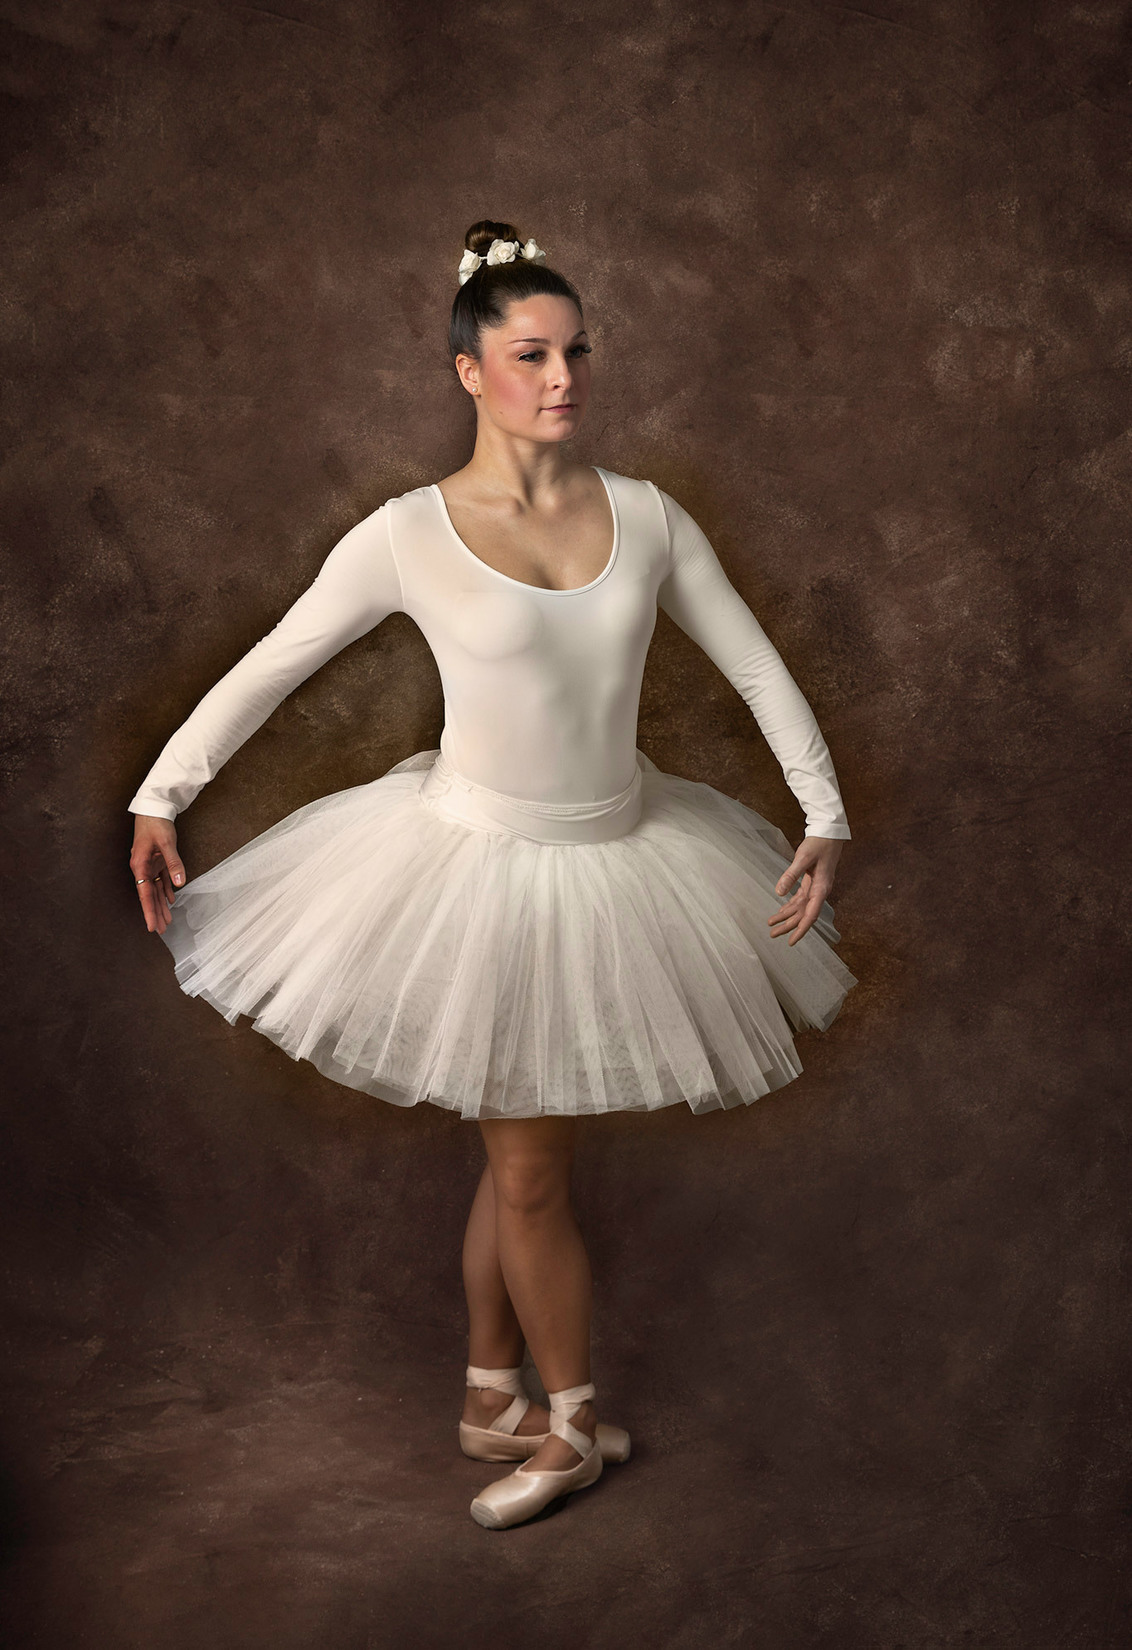 Ballerina - - - foto door elaine_hovenier op 28-02-2021 - deze foto bevat: portret, model, flits, dans, ballet, studio, ballerina, flitser, spitzen, fine art